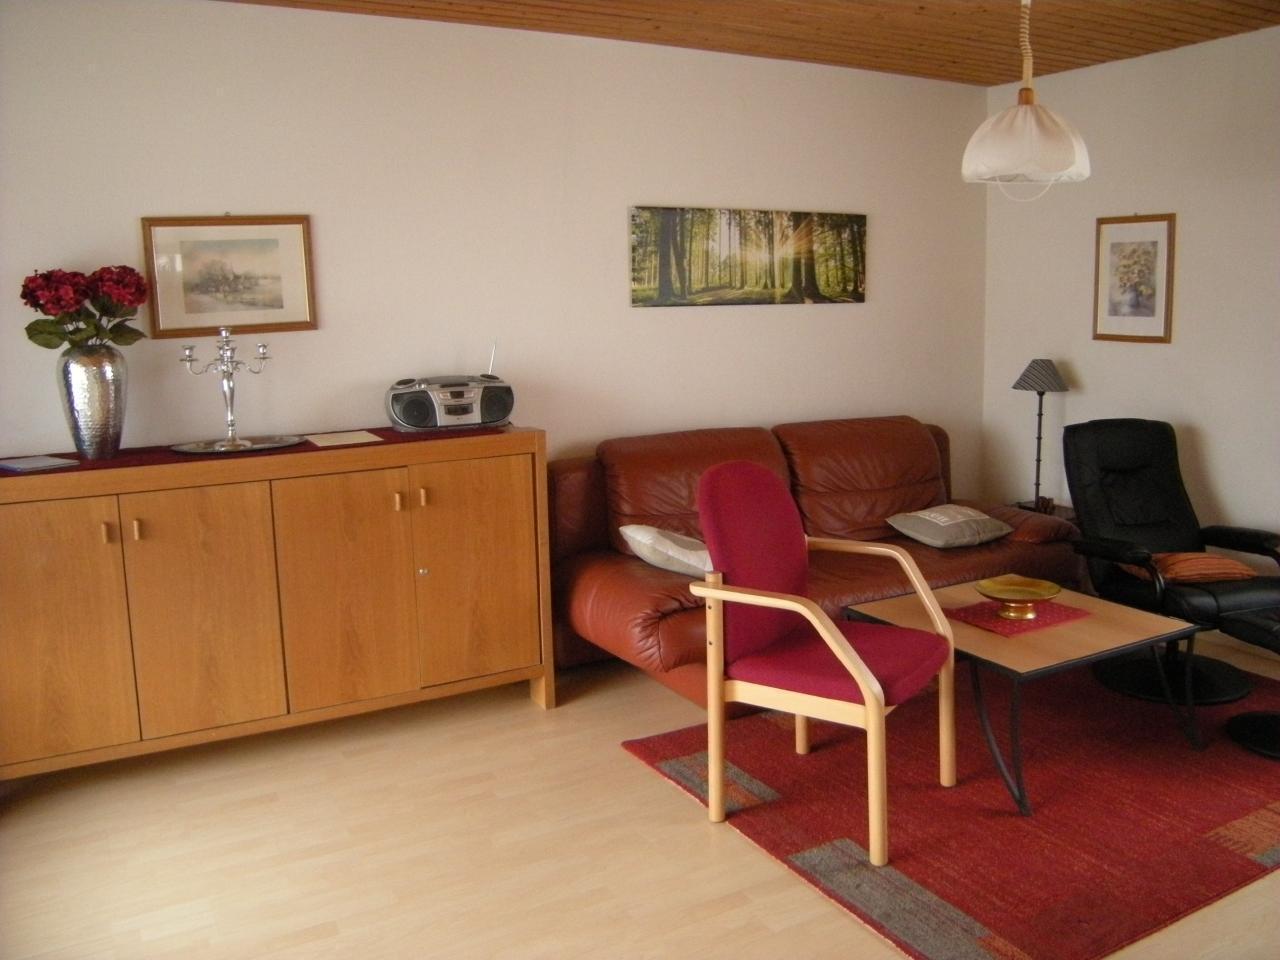 Ferienhaus Bugalow Type B für max. 6 Personen (761038), Dipperz, Rhön (Hessen), Hessen, Deutschland, Bild 2